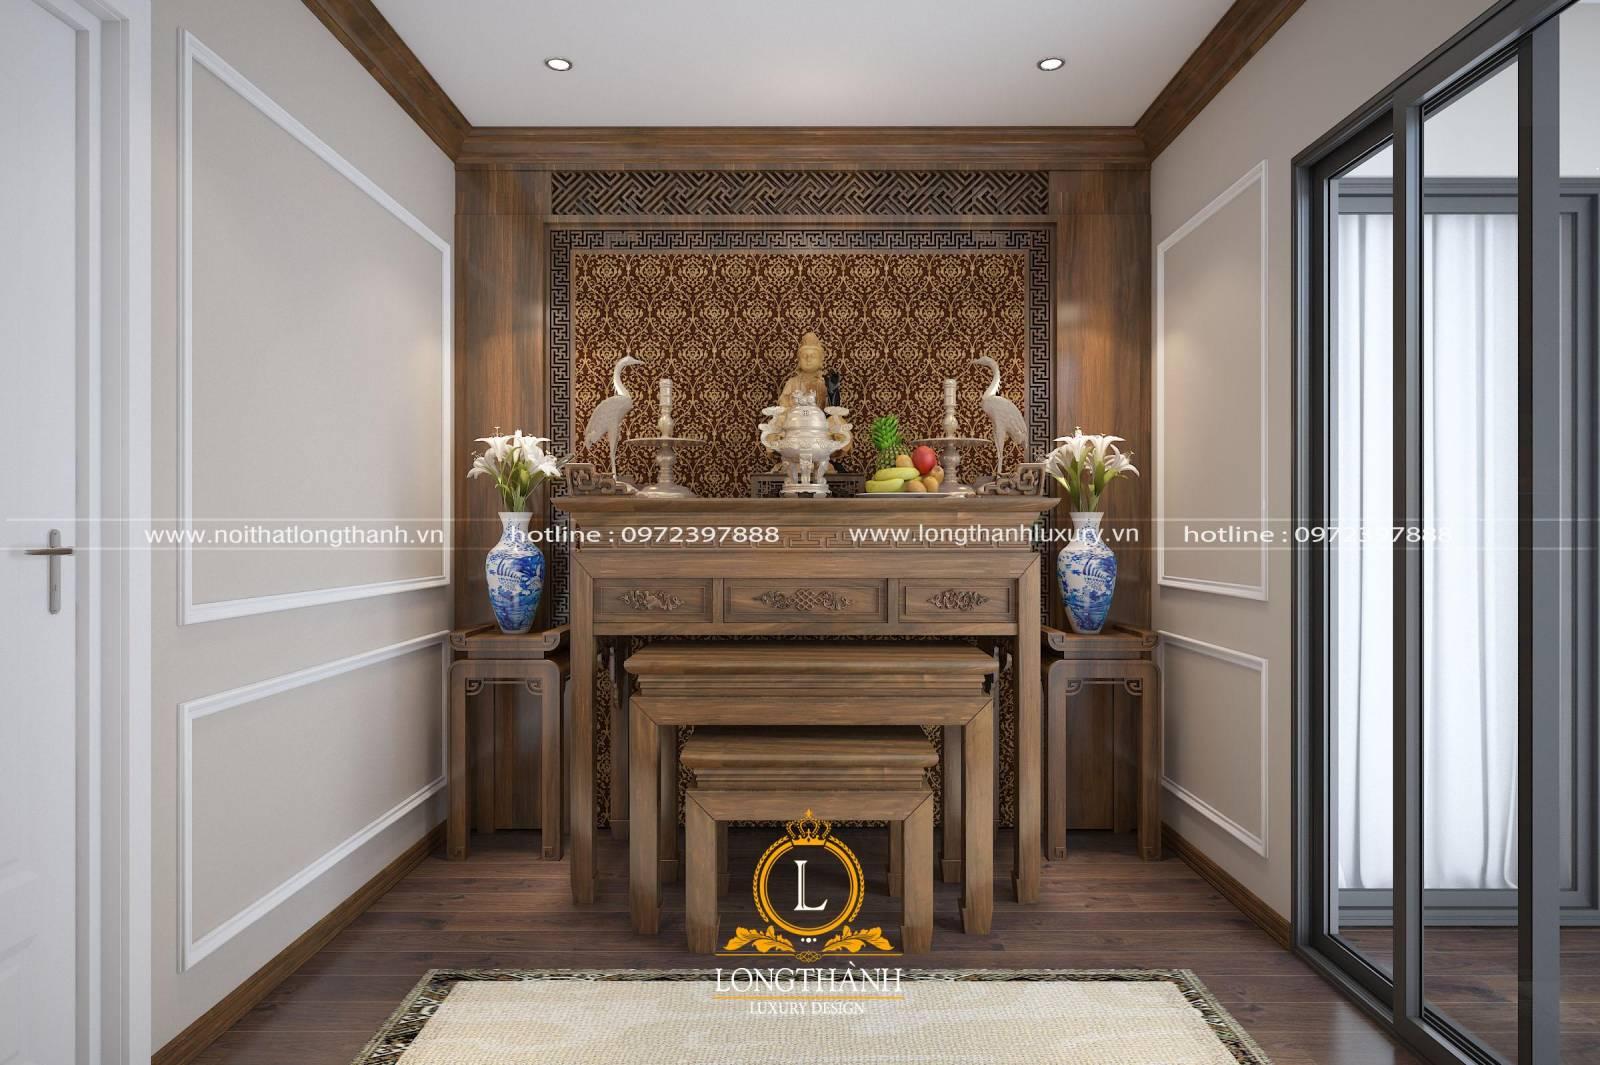 Thiết kế bàn thờ tân cổ điển hiện đại cho nhà chung cư